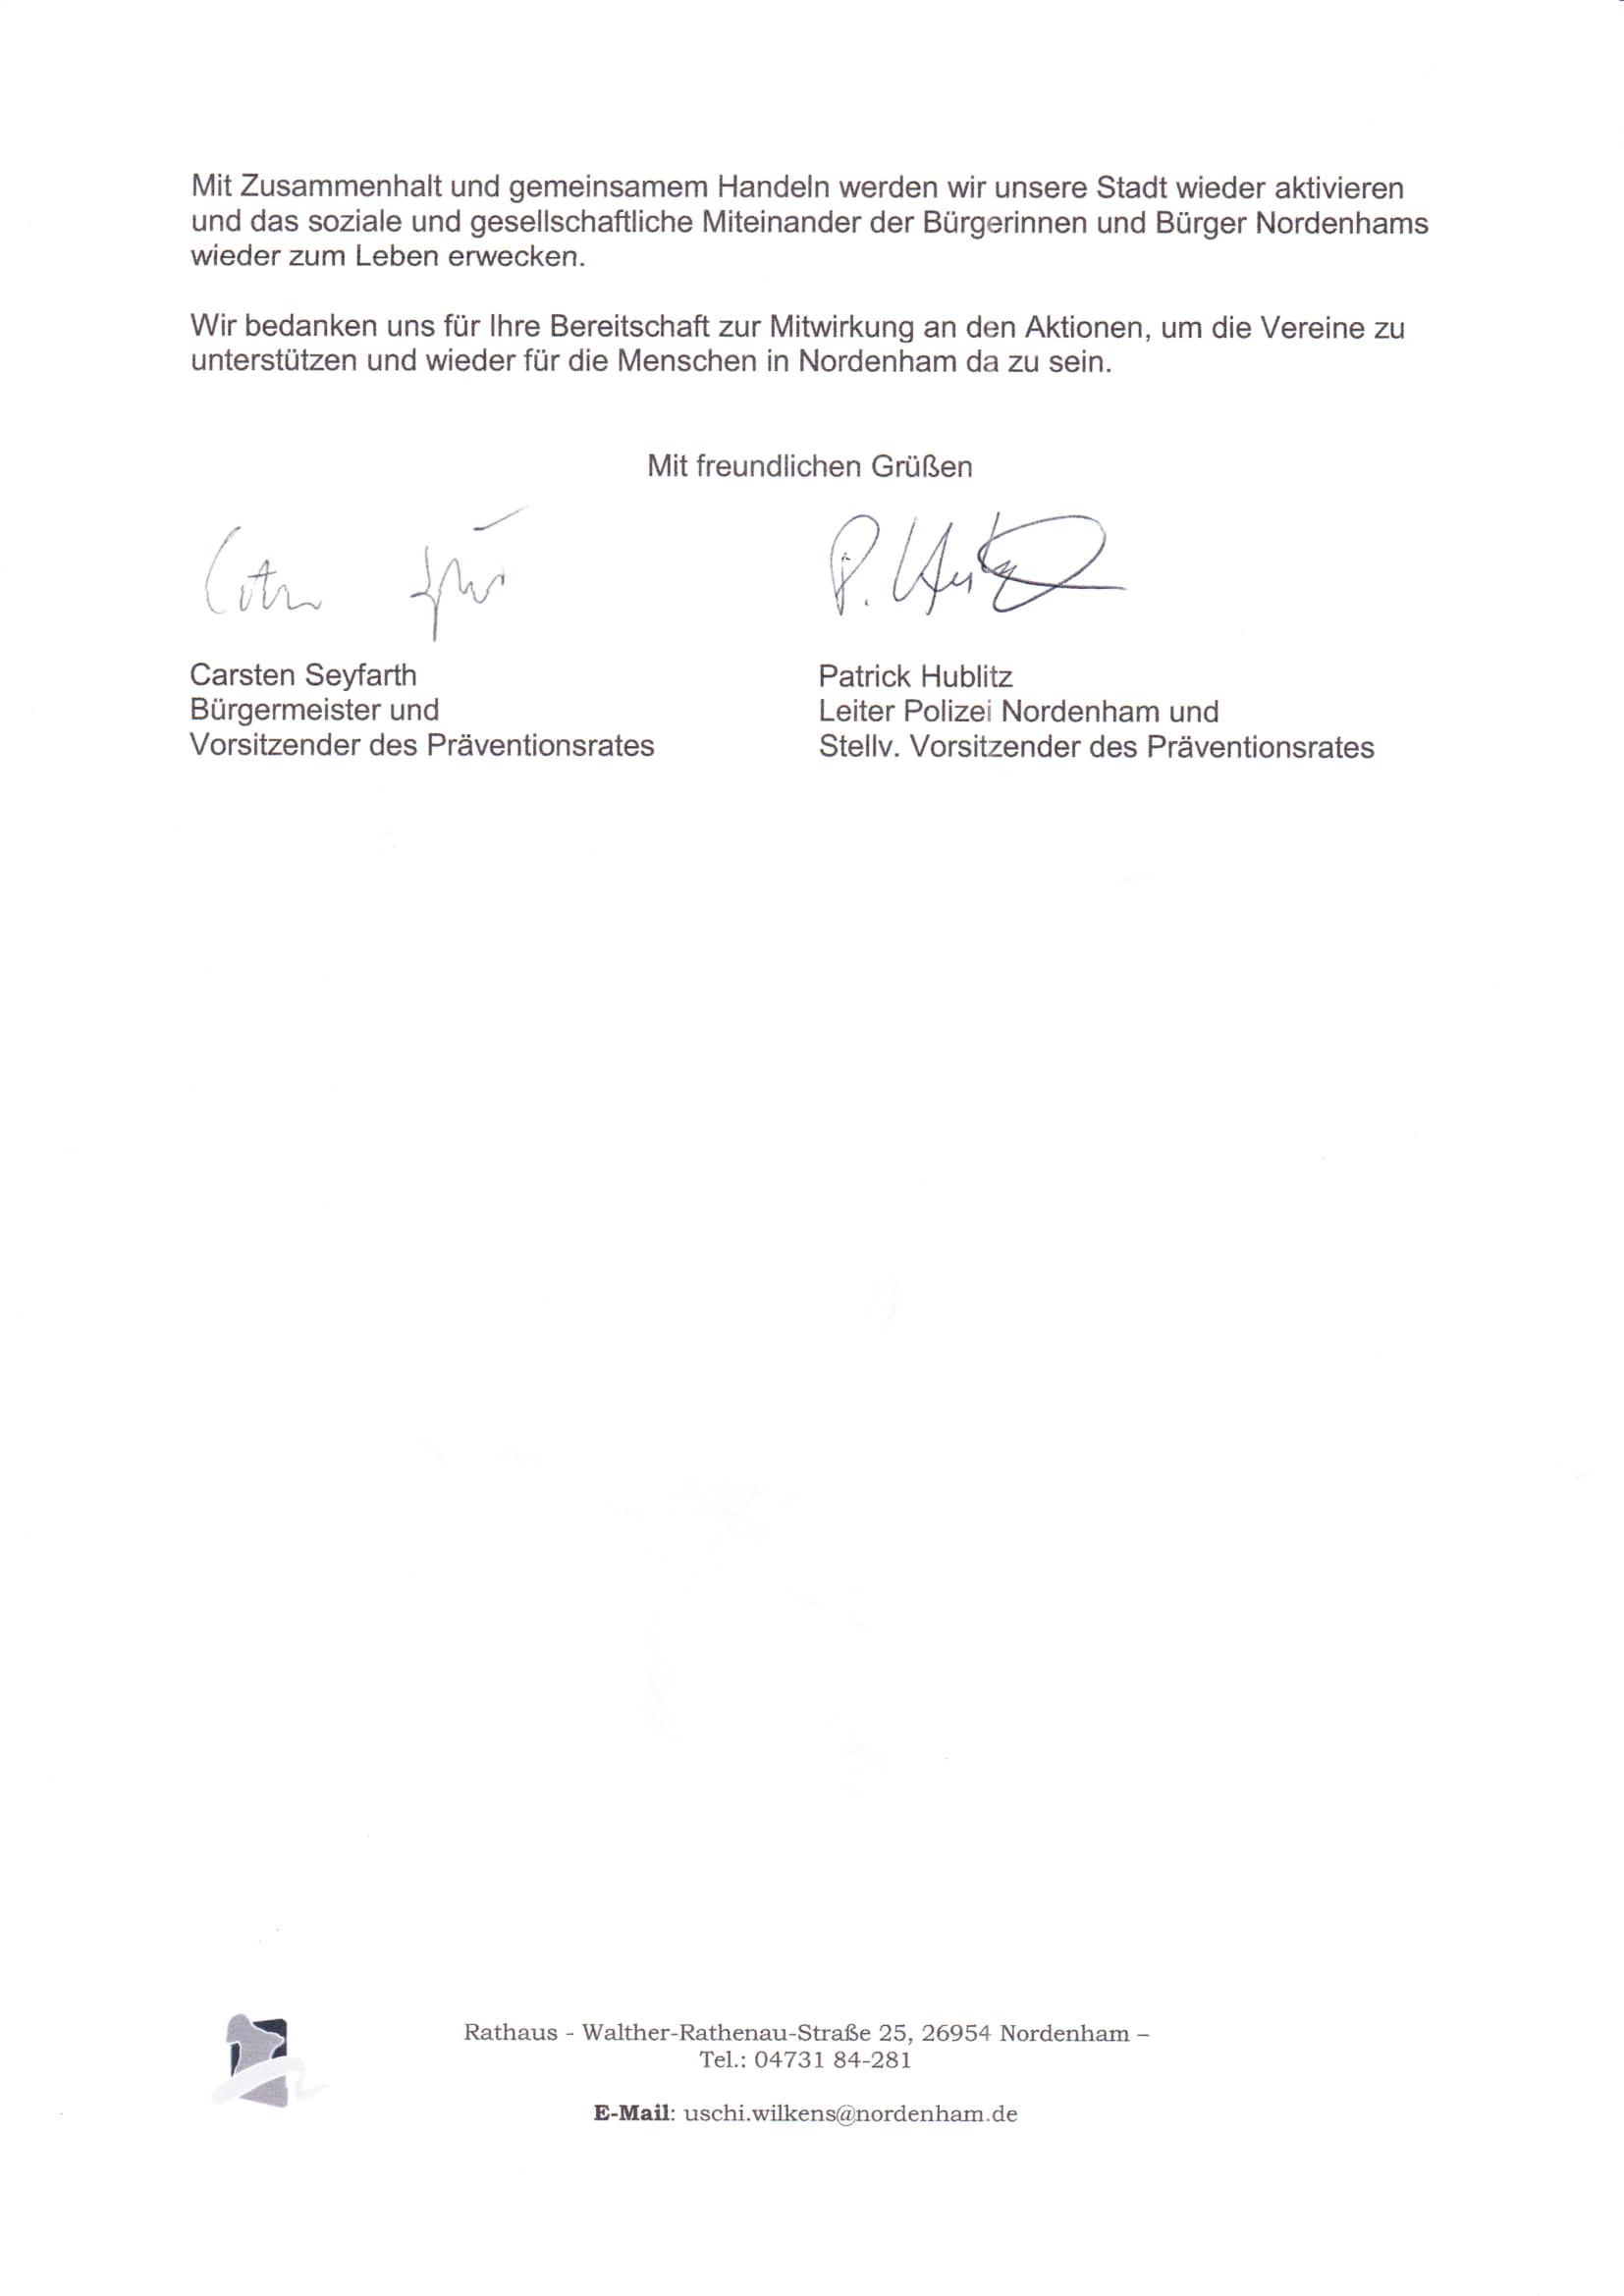 Anschreiben Vereine.pdf-2